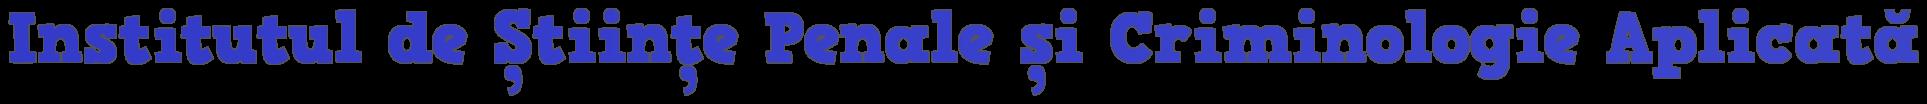 Institutul de Științe Penale și Criminologie Aplicată